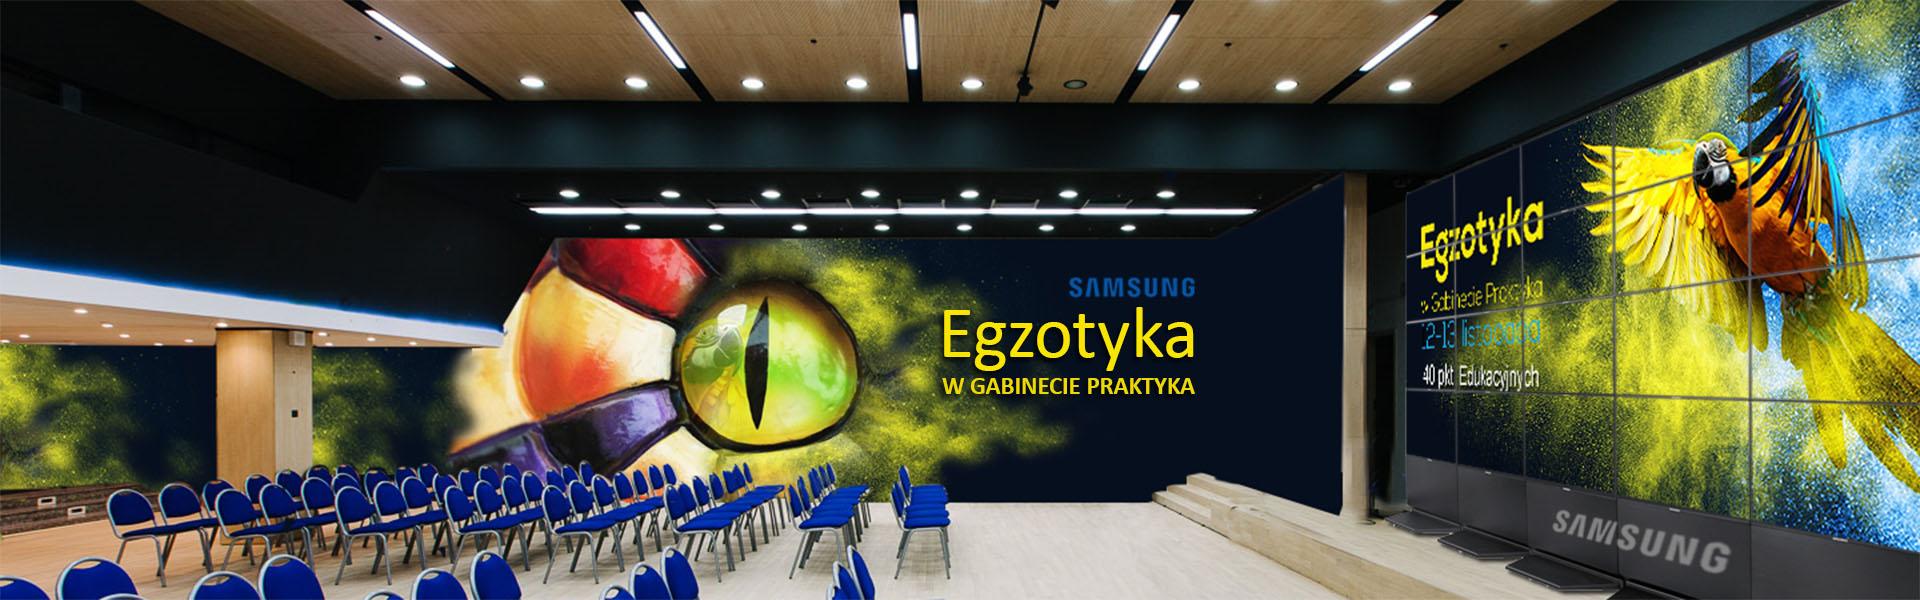 egzotyka w gabinecie praktyka konferencja dla lekarzy weterynarii